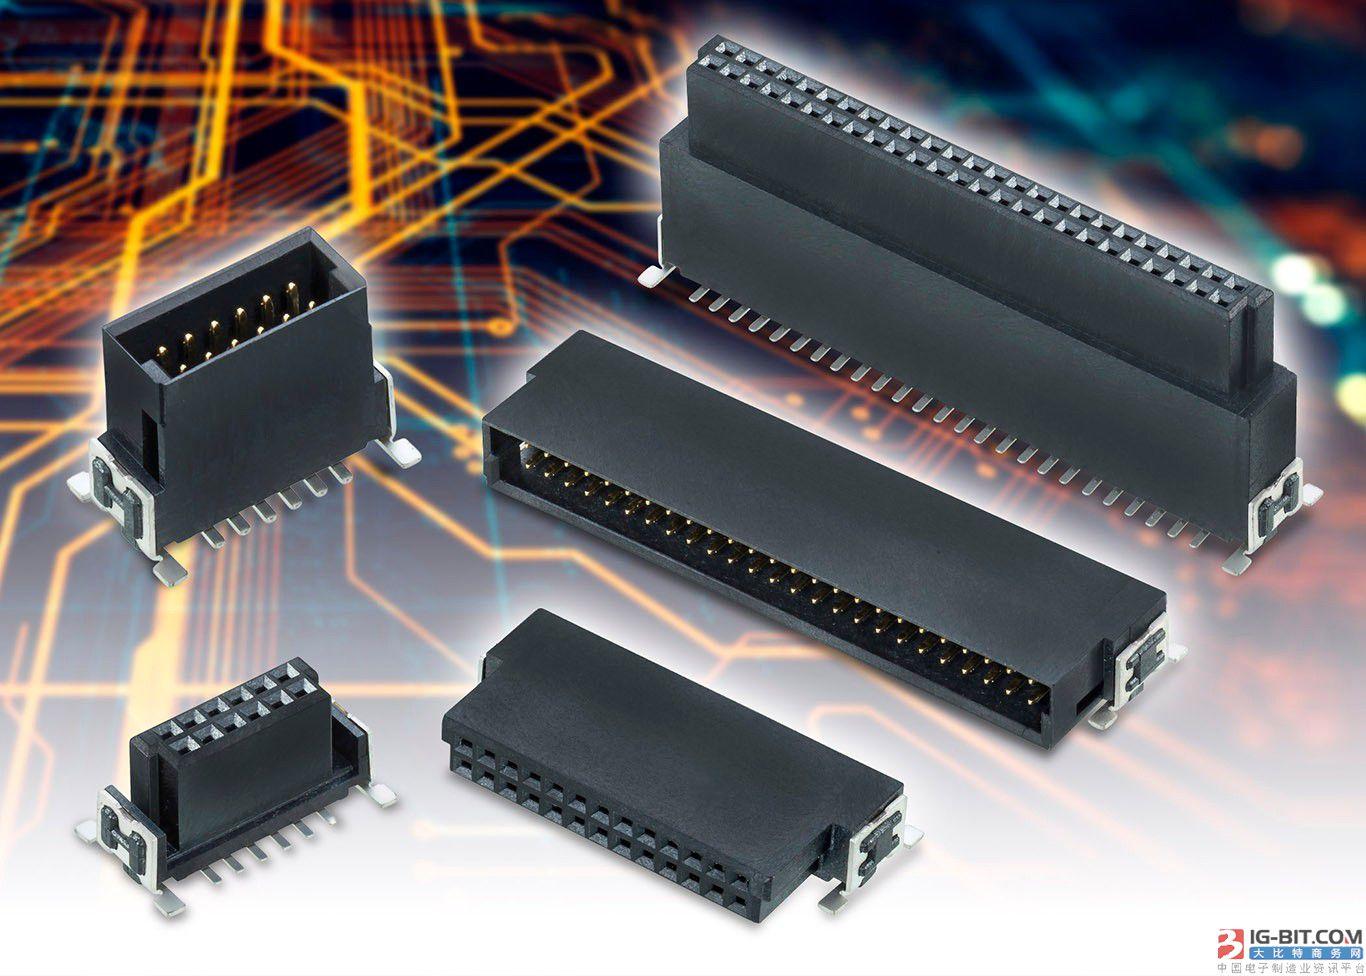 Harwin全新耐用、多功能和可堆叠的高密度板对板连接器